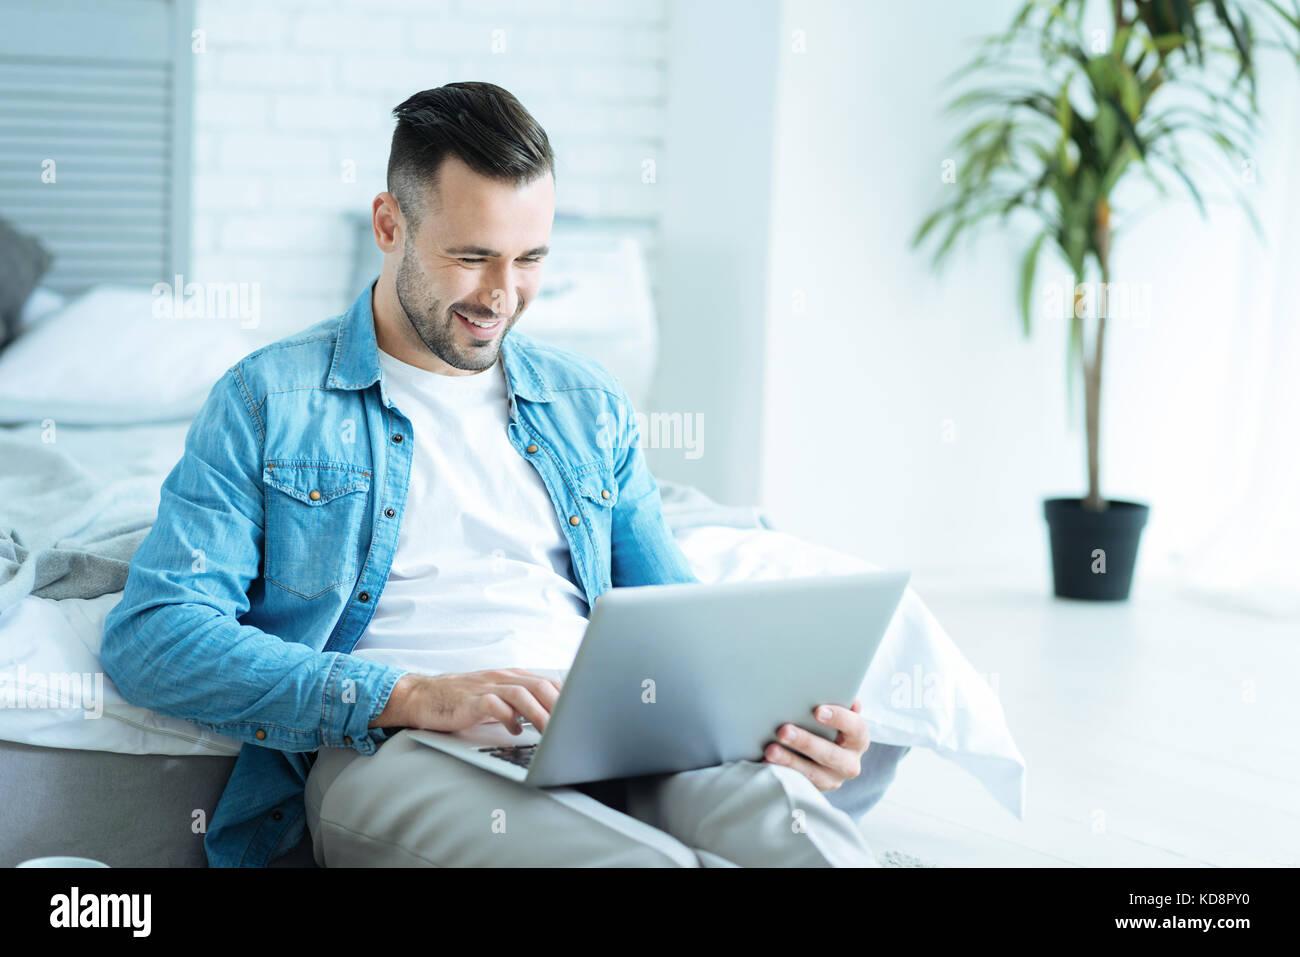 Uomo gioioso grinning ampiamente durante l'utilizzo di laptop Immagini Stock